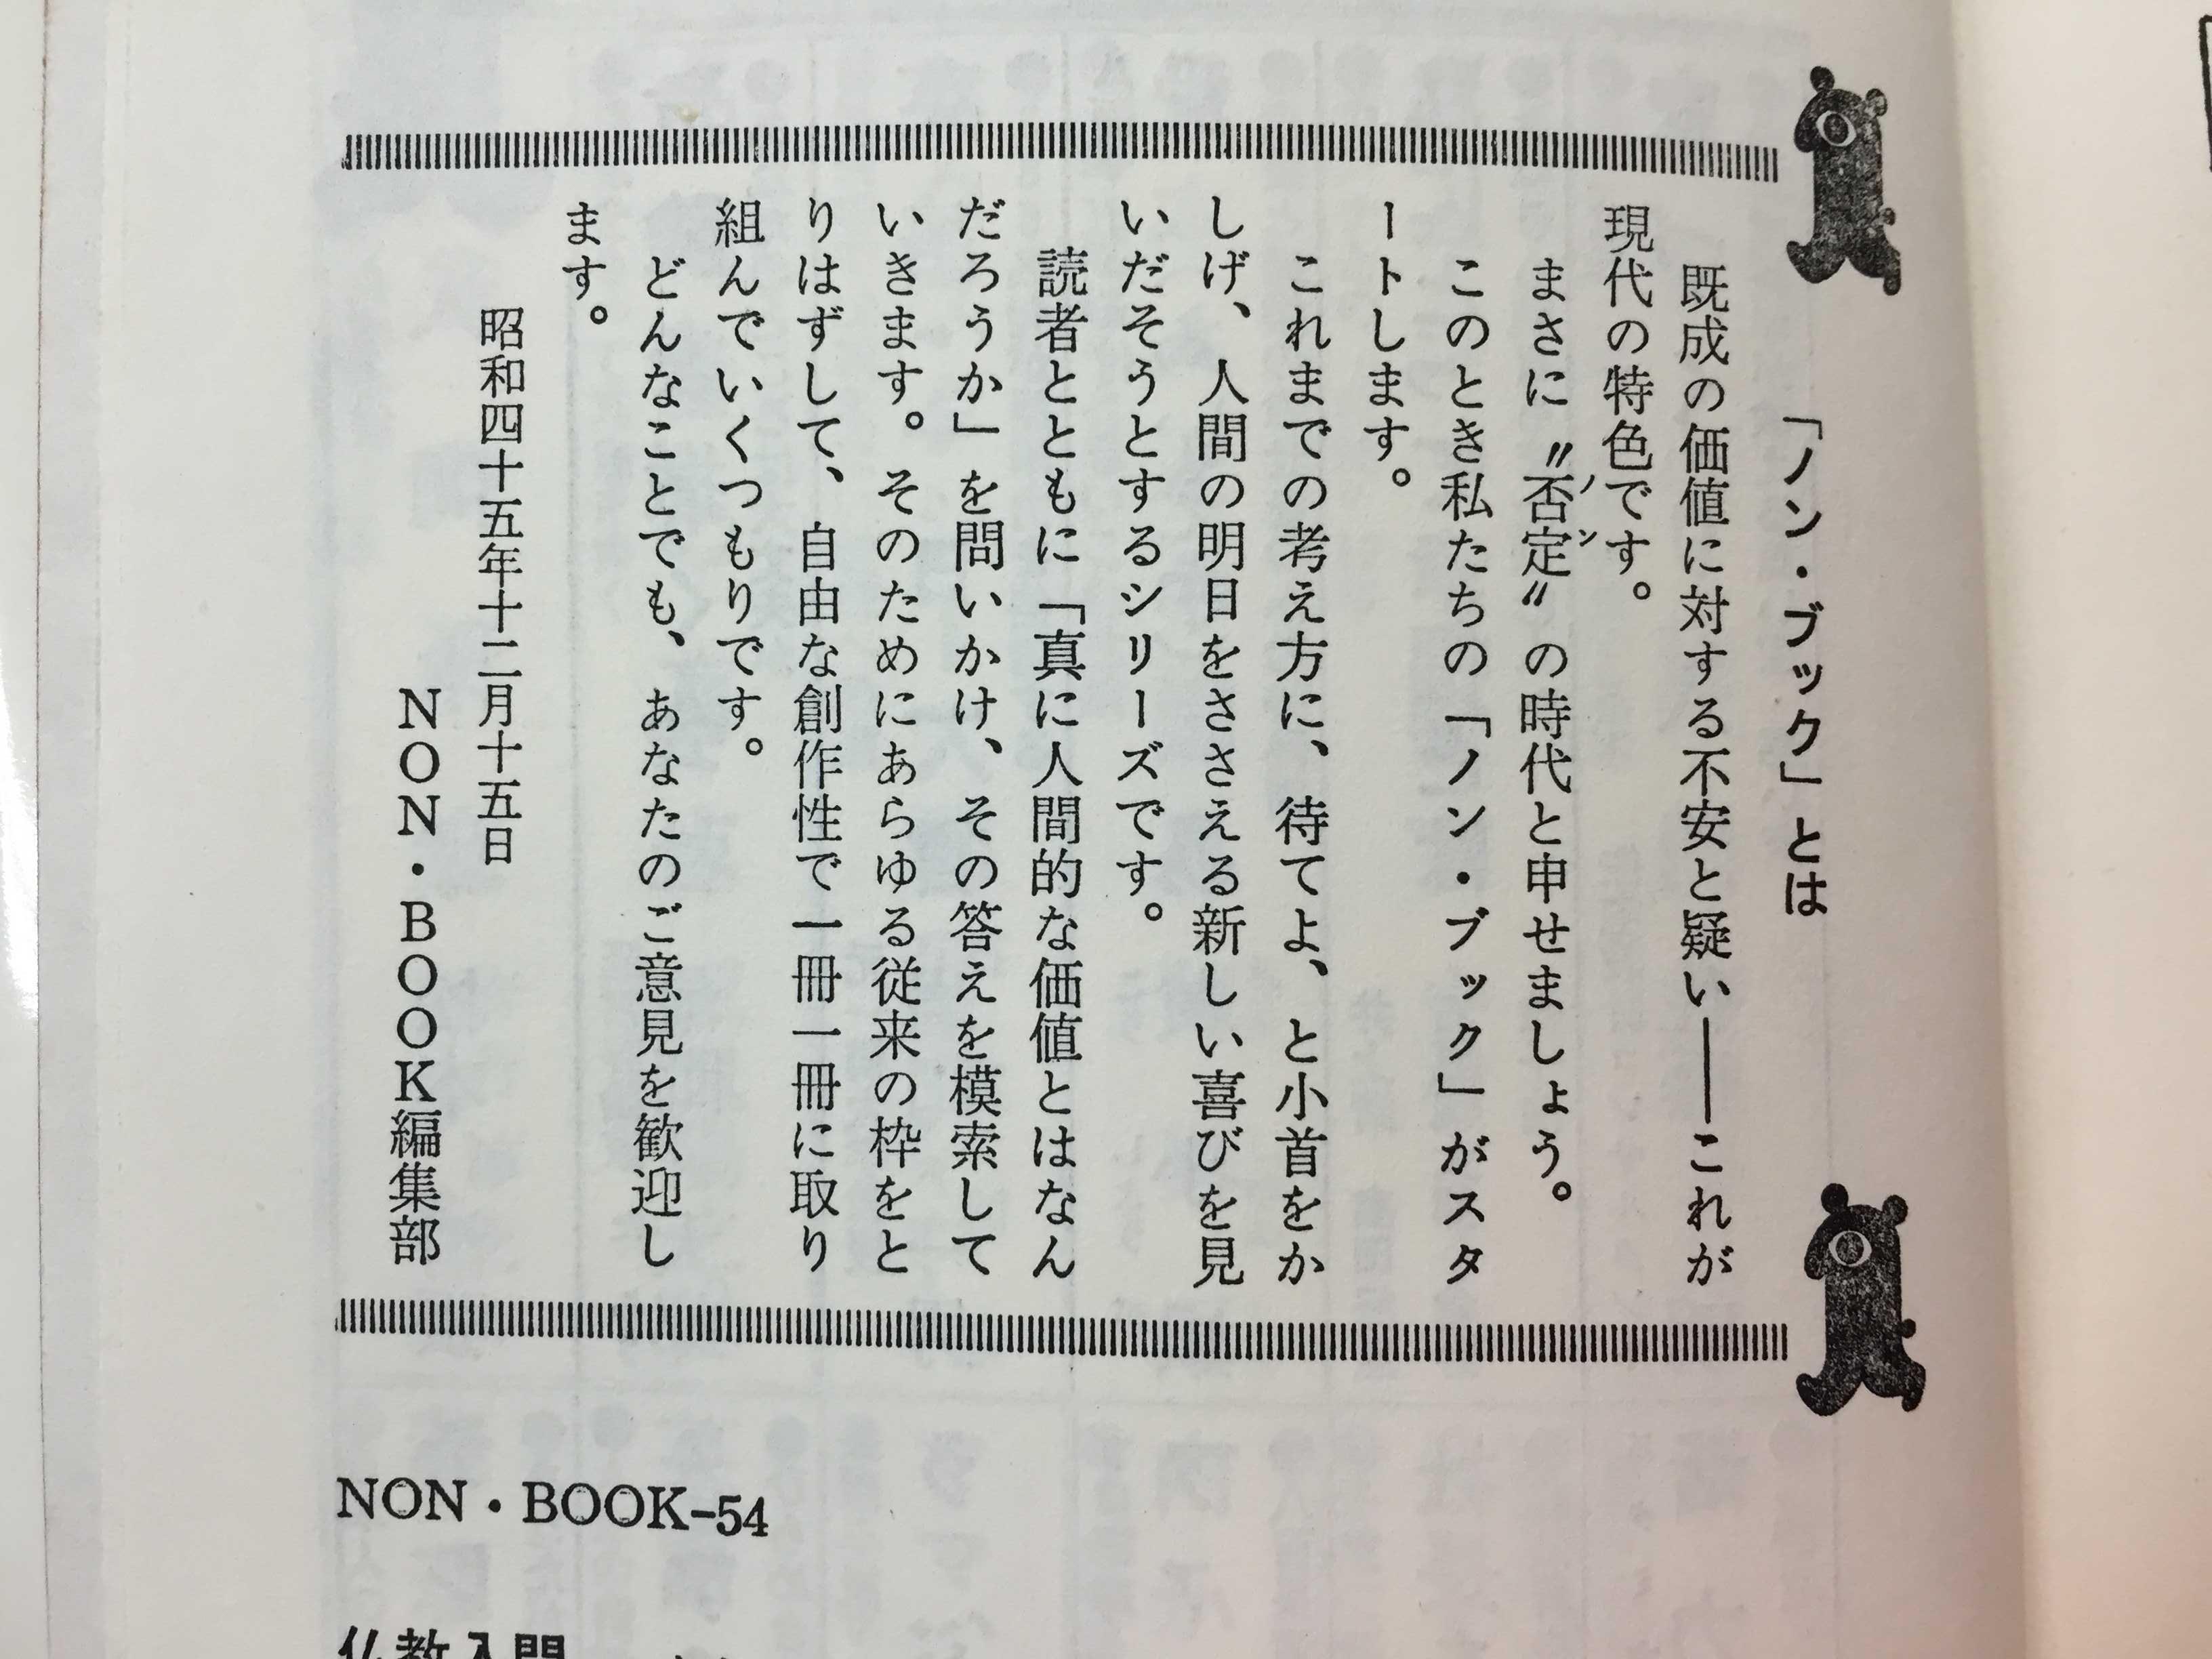 ノン・ブック(NON BOK) - 祥伝社